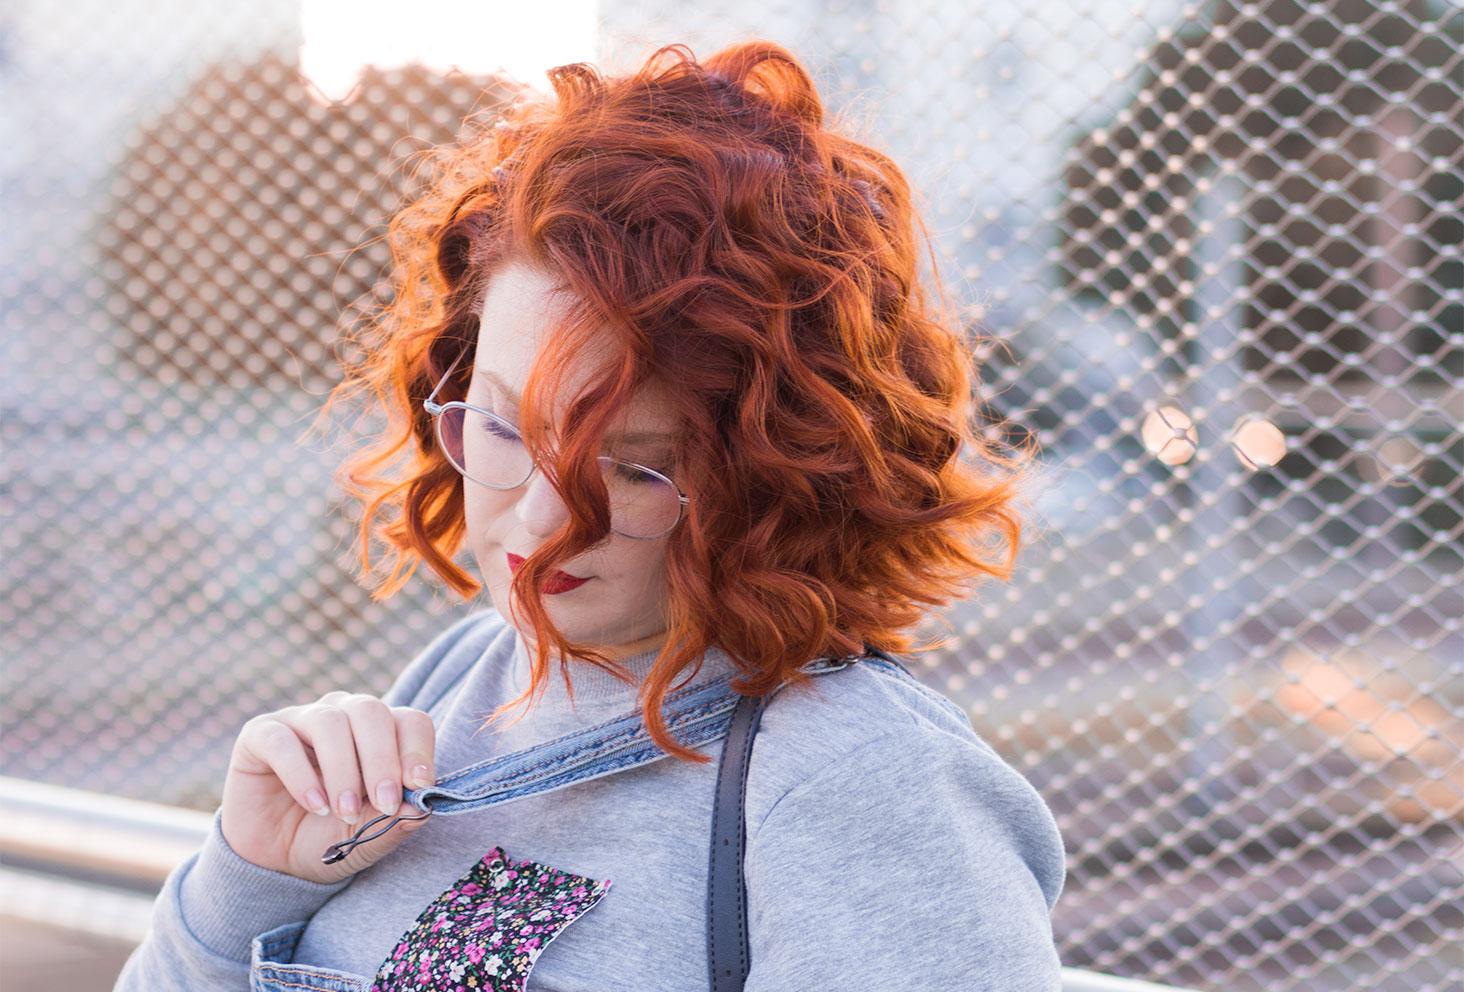 Zoom sur les cheveux roux bouclés de profil, entrain de rattacher la bretelle de la salopette en jeans par dessus le sweat Wazashirt